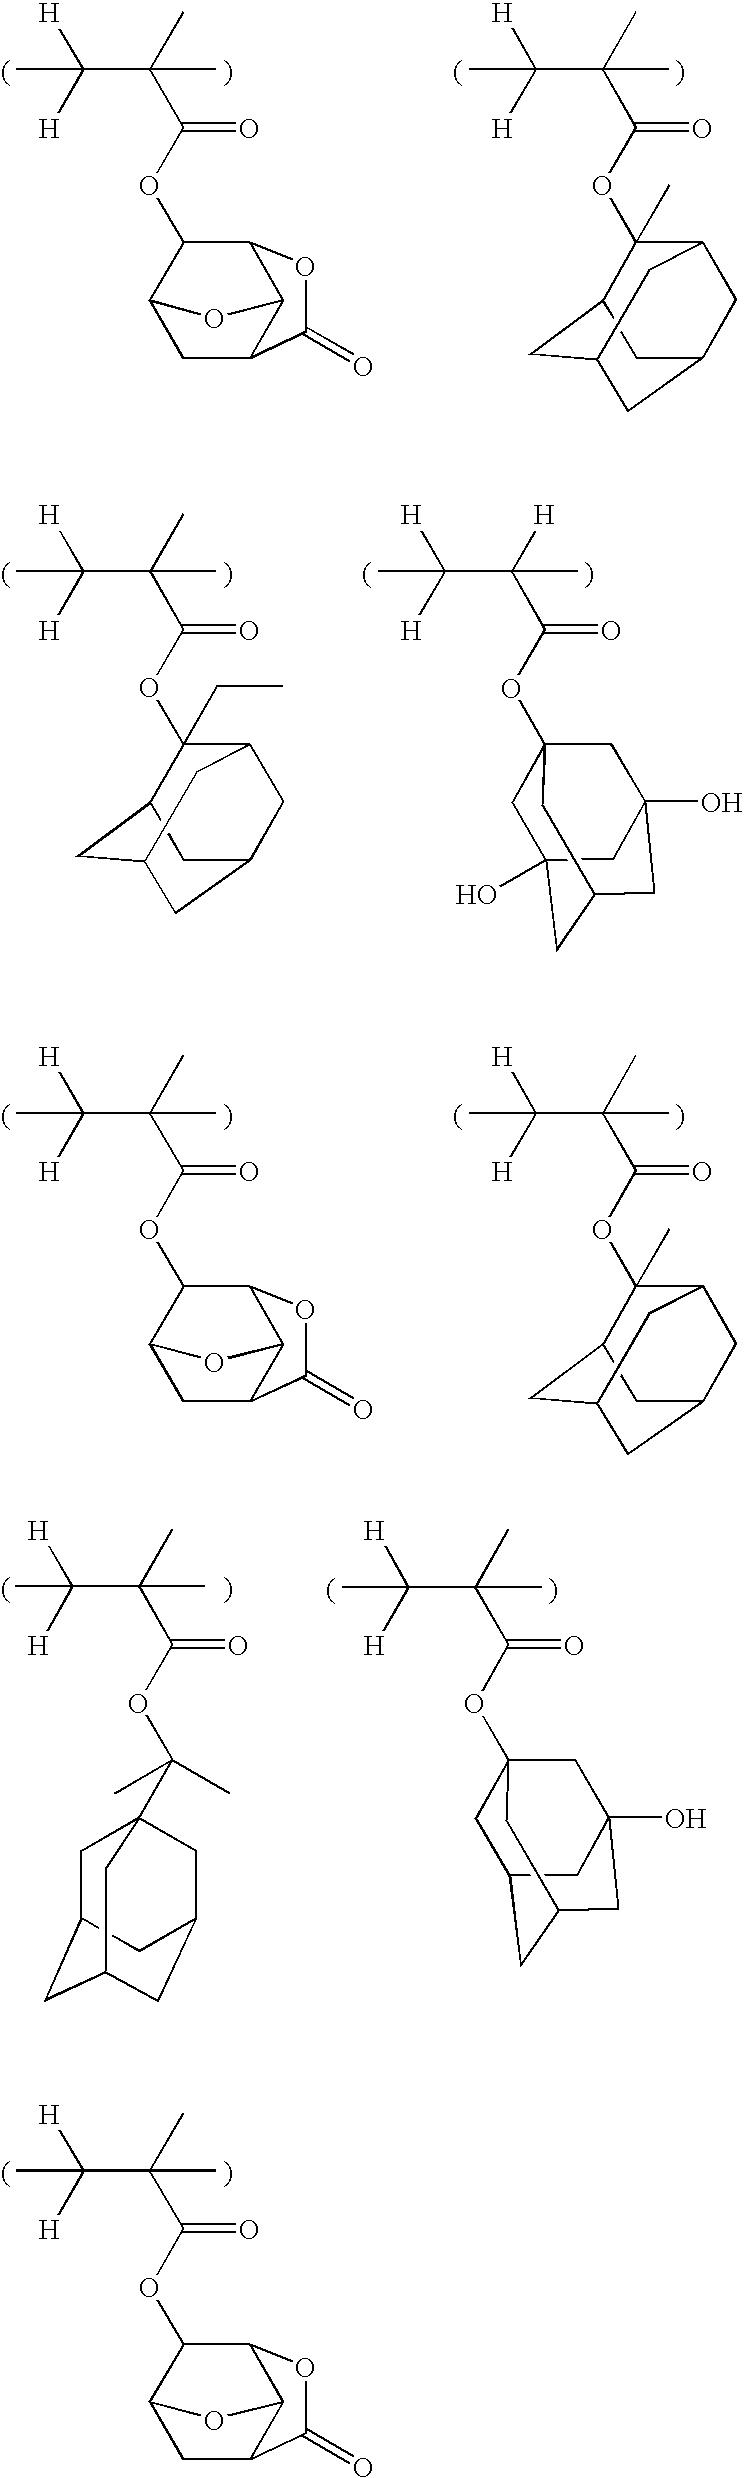 Figure US20050208424A1-20050922-C00015